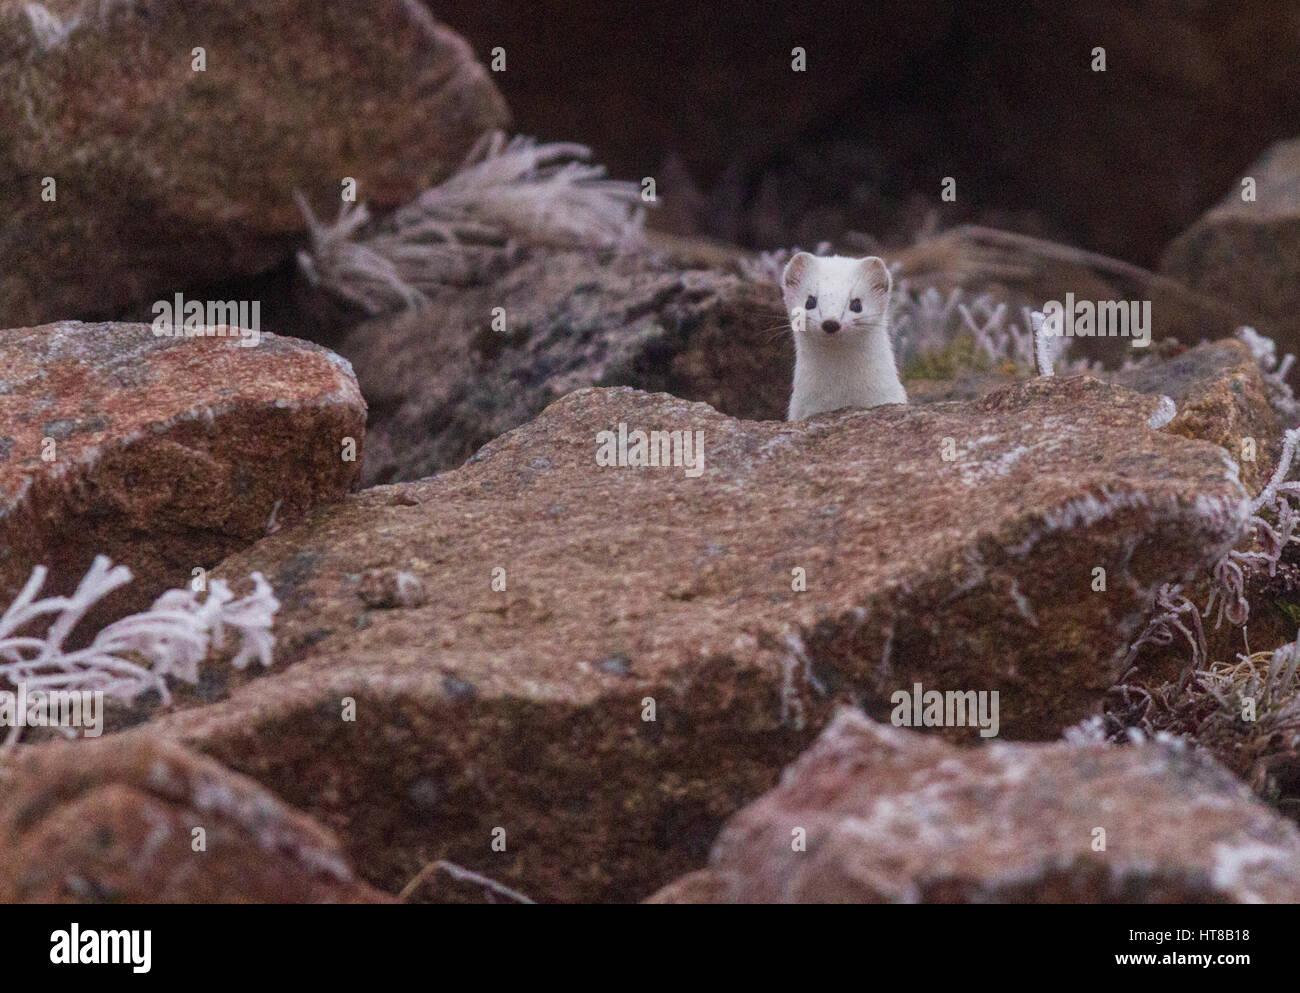 Hermelin, Mustela Erminea, mit weißen Winterfell, zwischen Felsen, Blick in die Kamera, kaltes Wetter mit Frost Stockbild